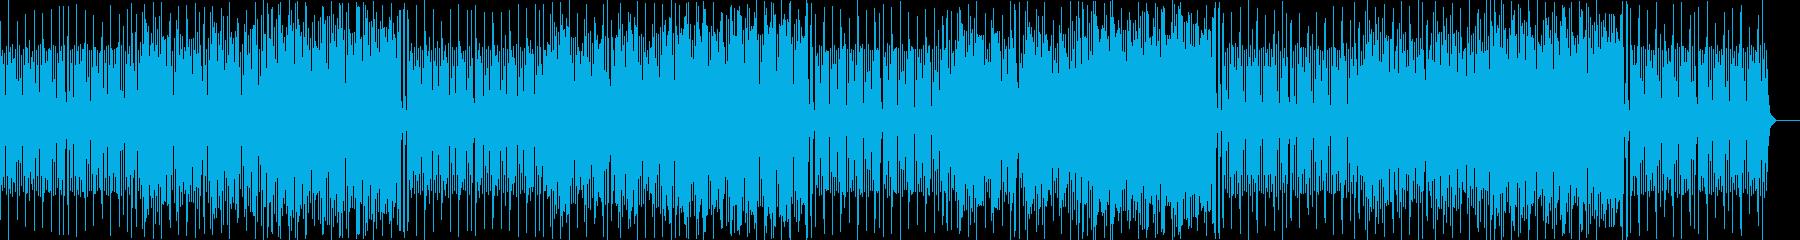 ピチカートとトランペットの可愛いマーチの再生済みの波形